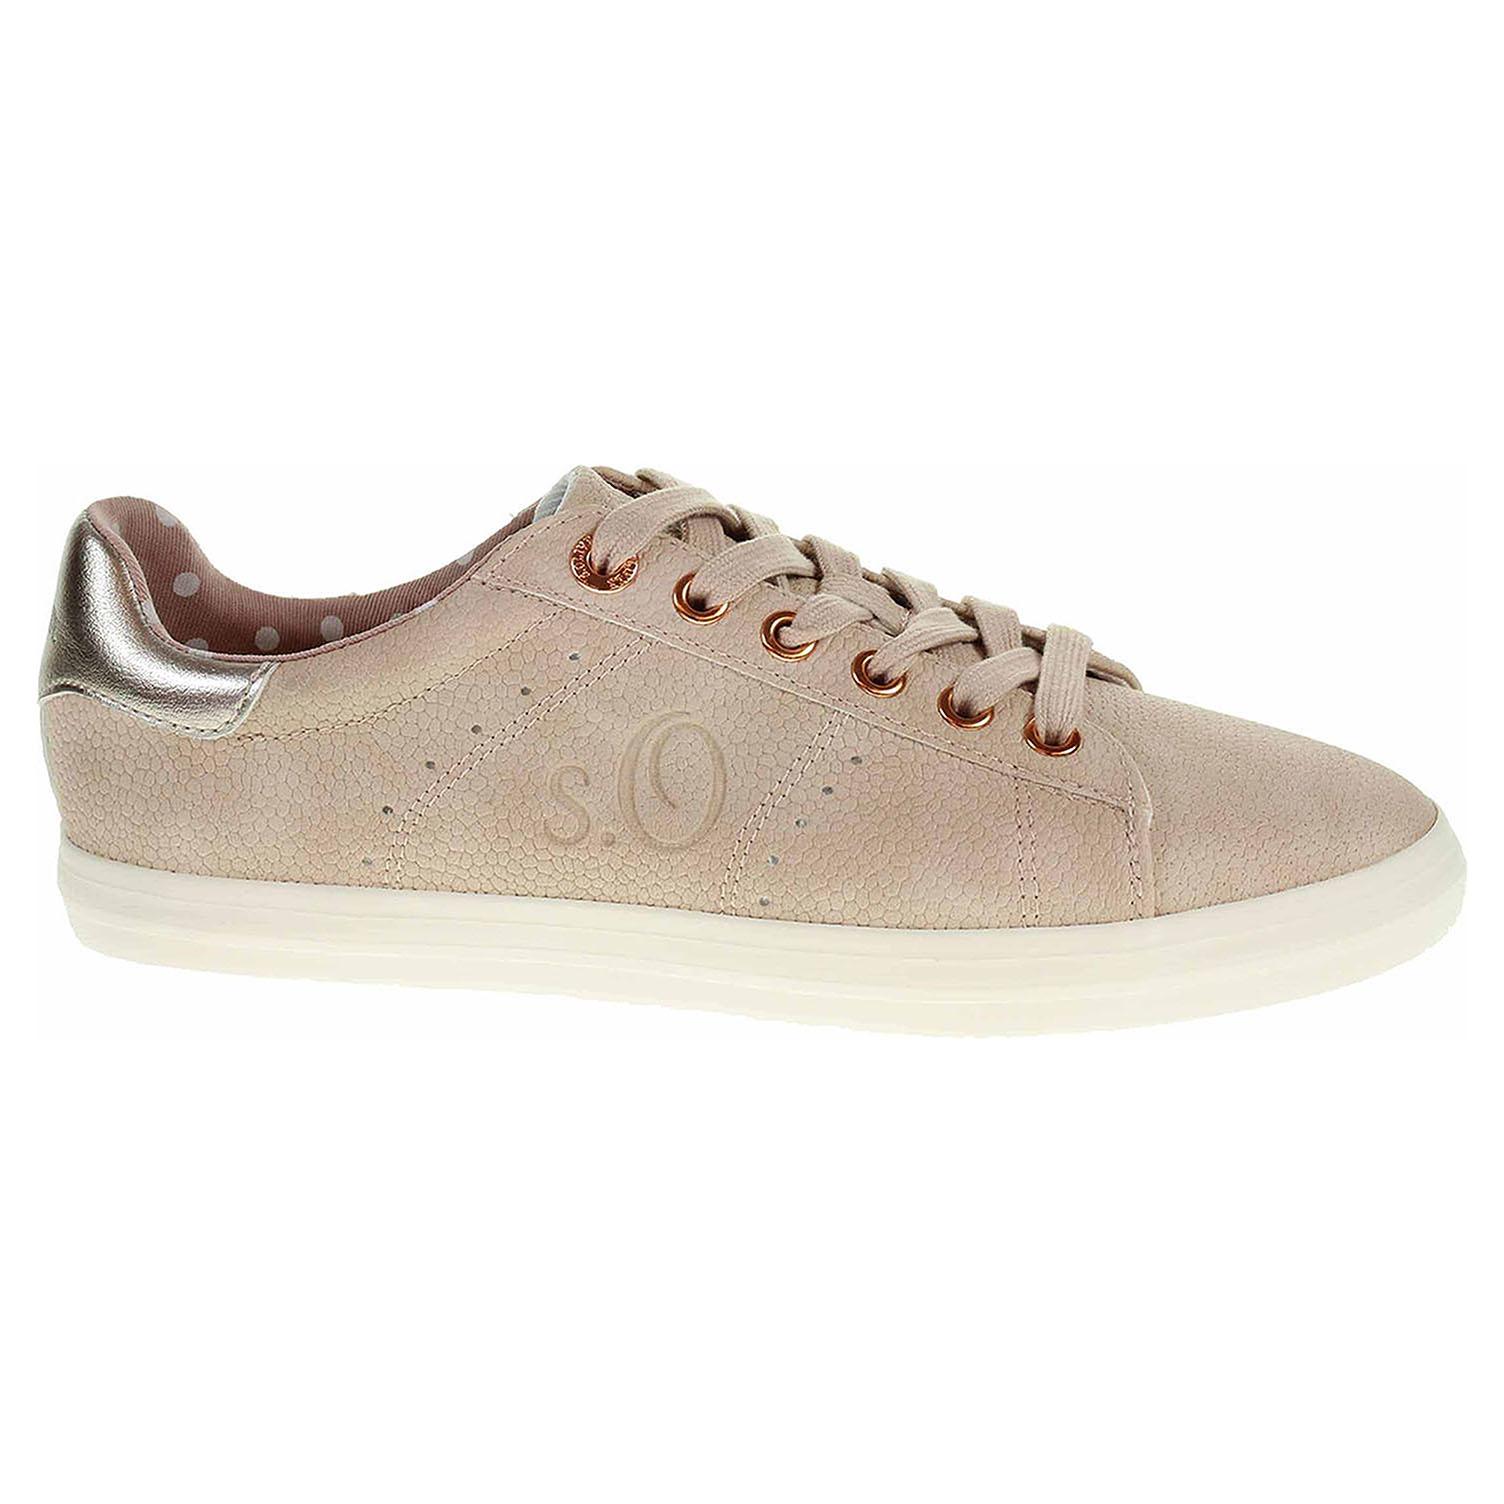 Dámská obuv s.Oliver 5-23638-22 rose 5-5-23638-22 544 42